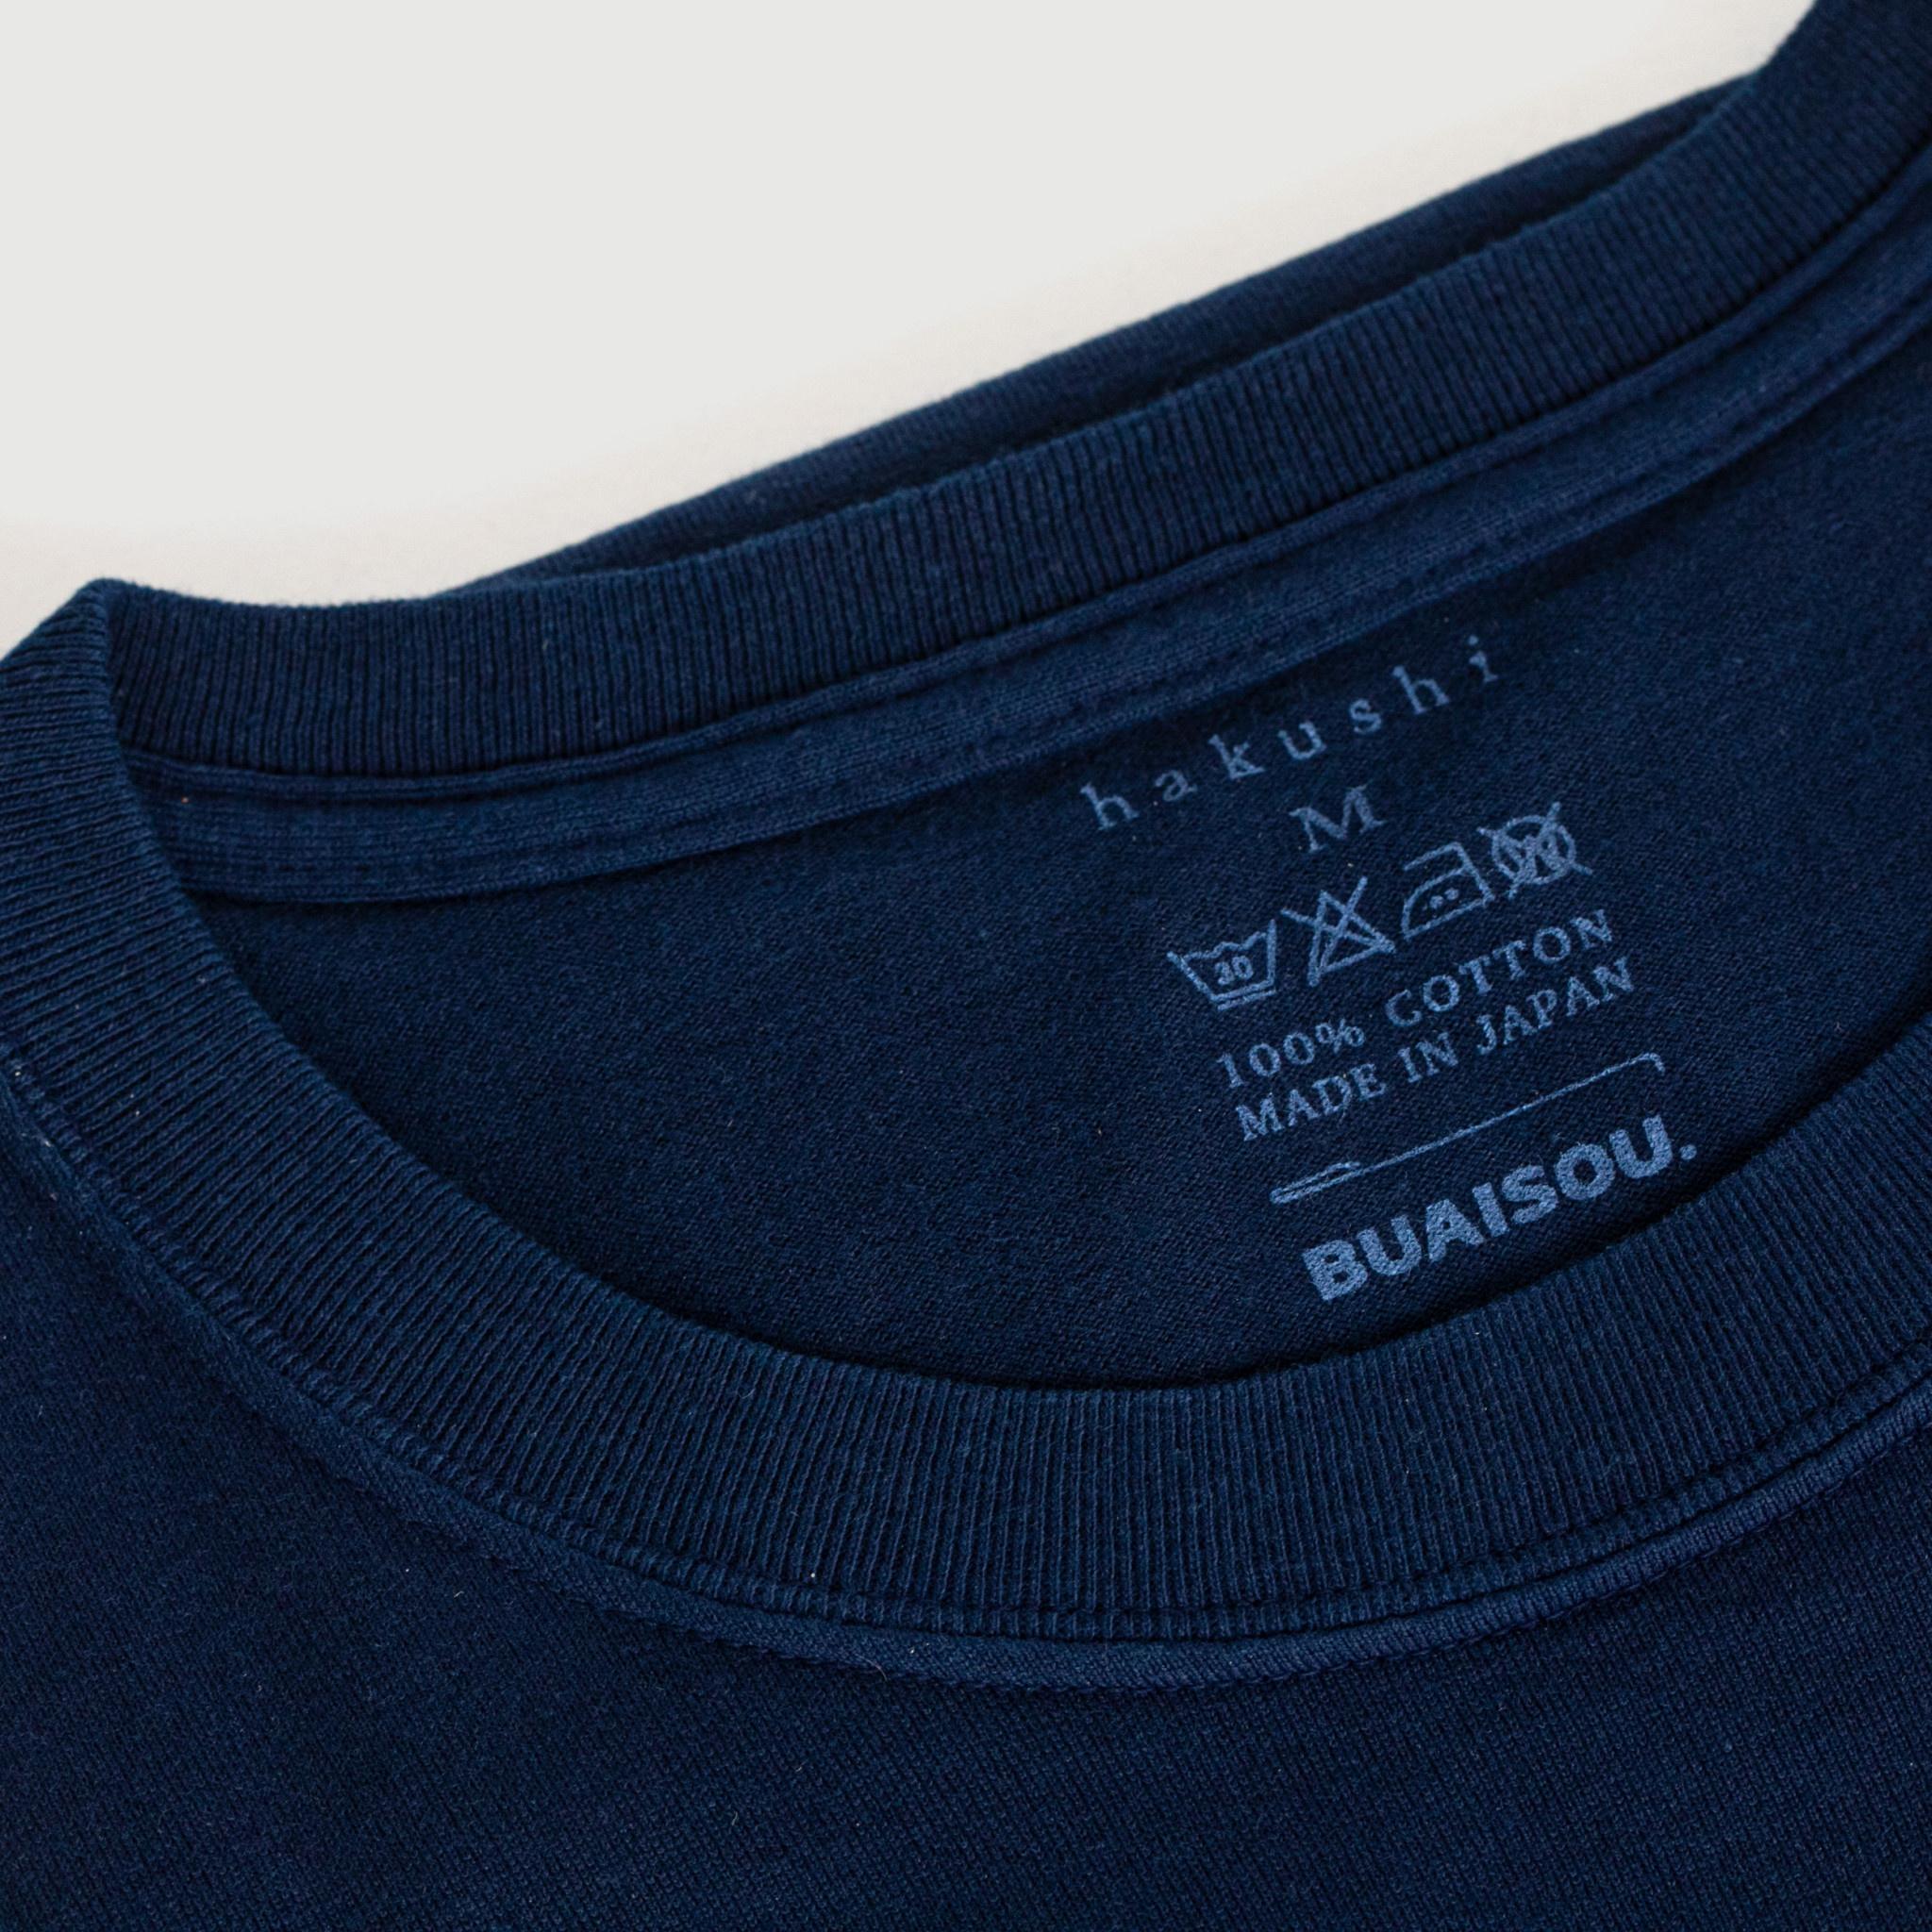 buaisou Buaisou Indigo Dyed T-shirt